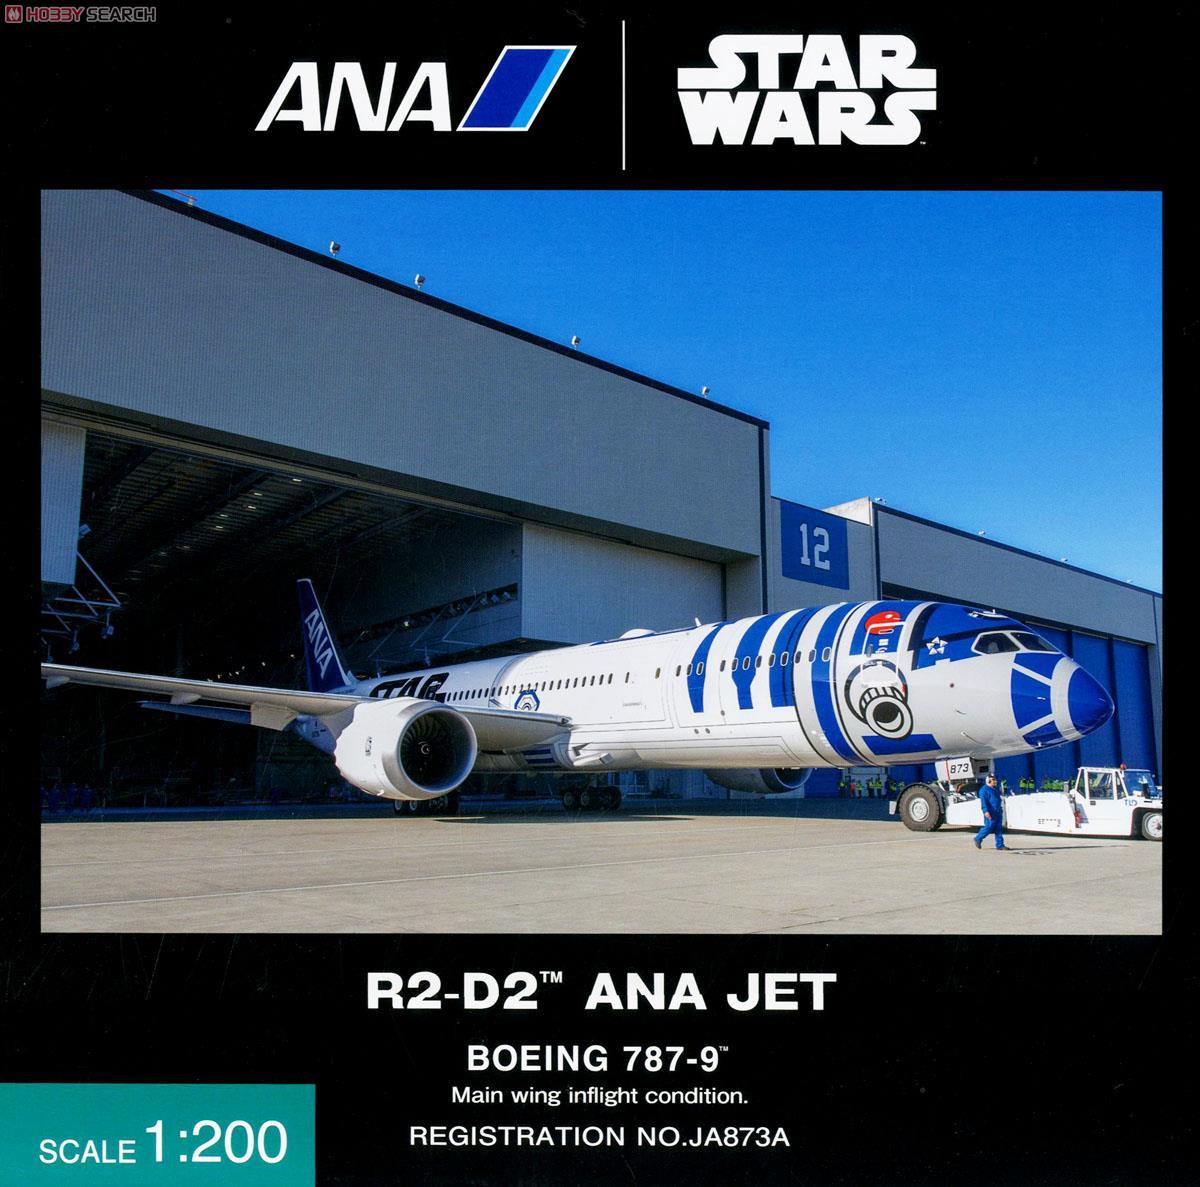 B787-9 JA873A R2-D2(TM) ANAJET (ABS完成モデル、ギア付き) (完成品飛行機)